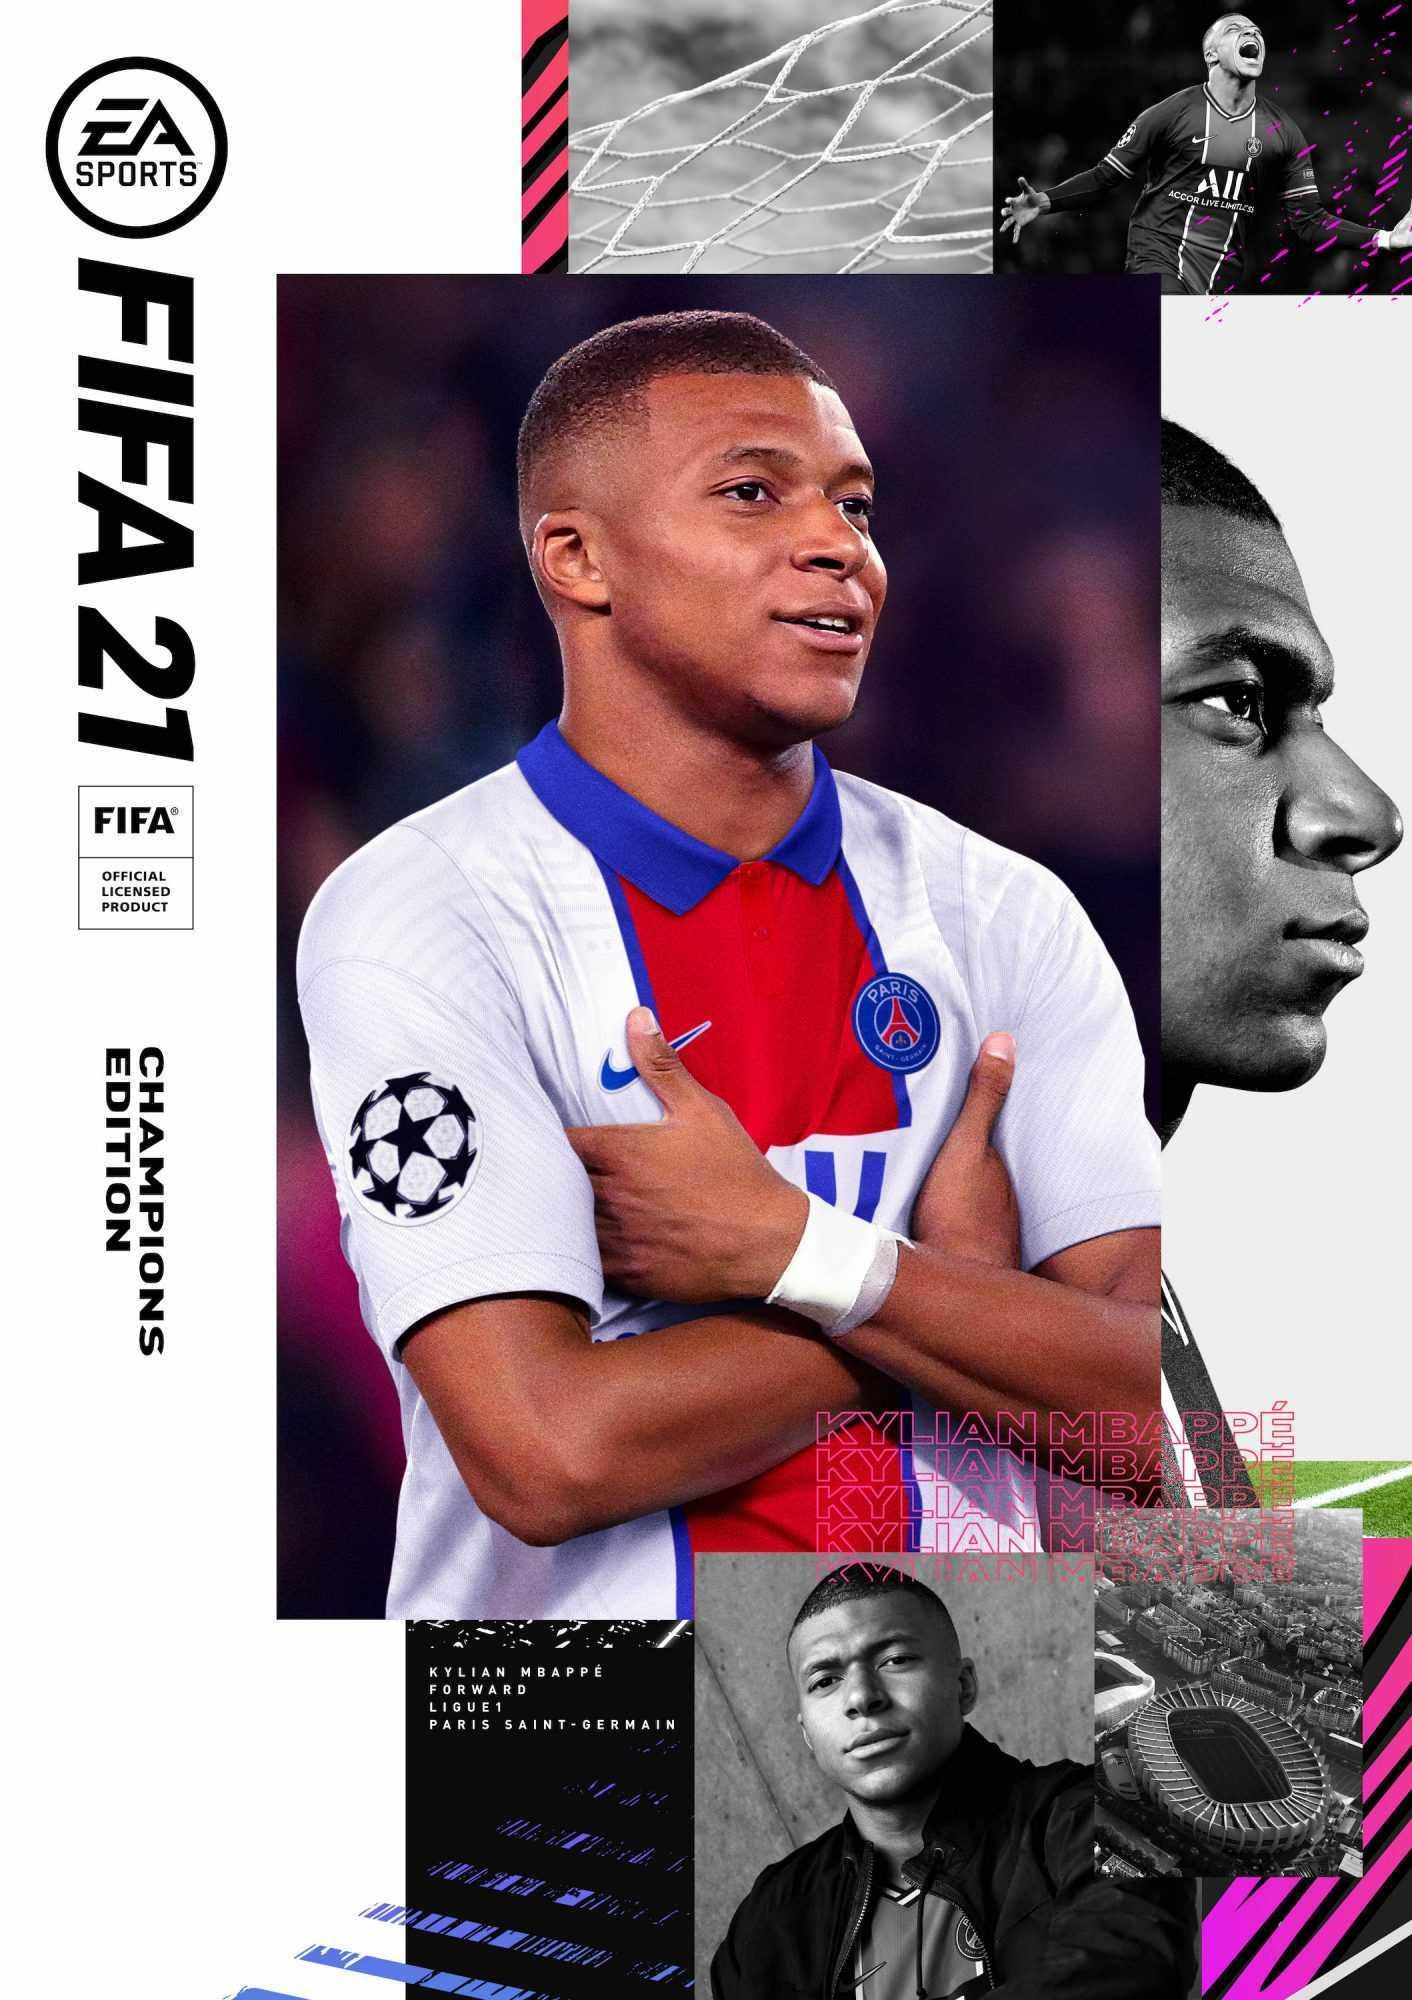 FIFA 21: Kylian Mbappé è il nuovo uomo copertina!